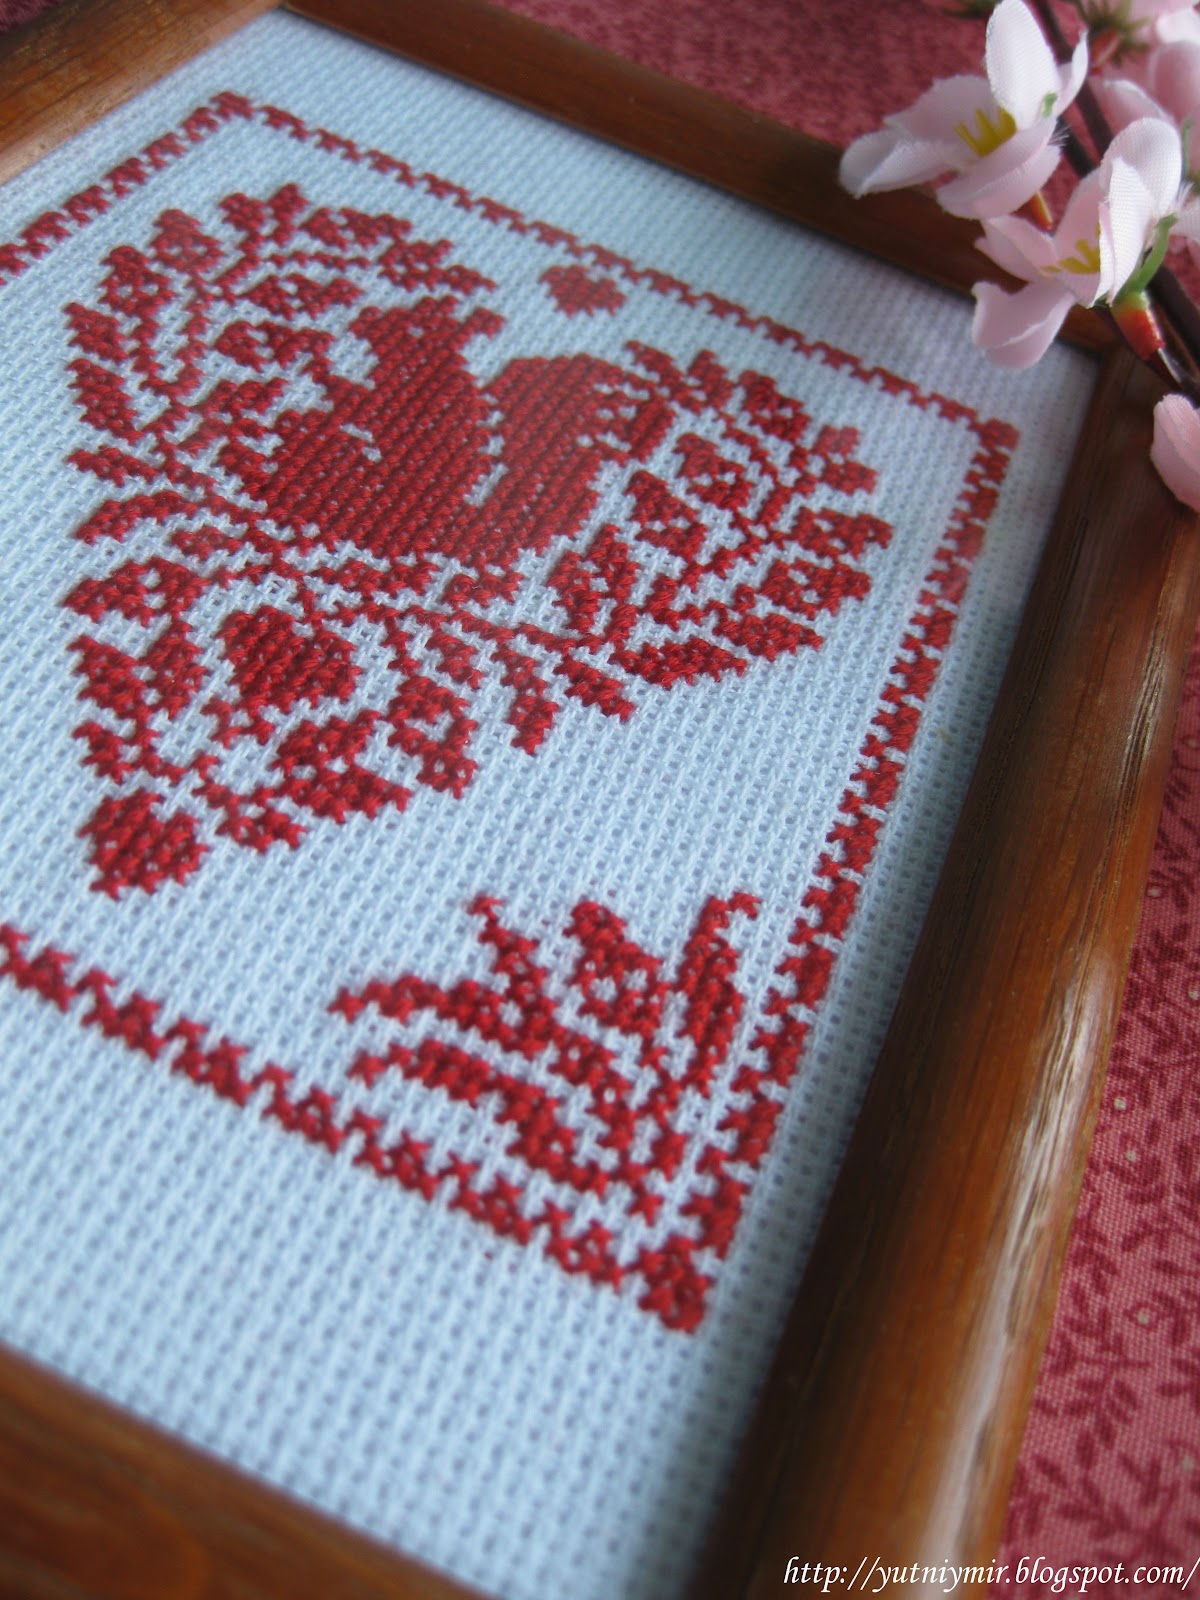 Вышивка как подарок - стоит ли дарить? Блог вышивальщицы 34